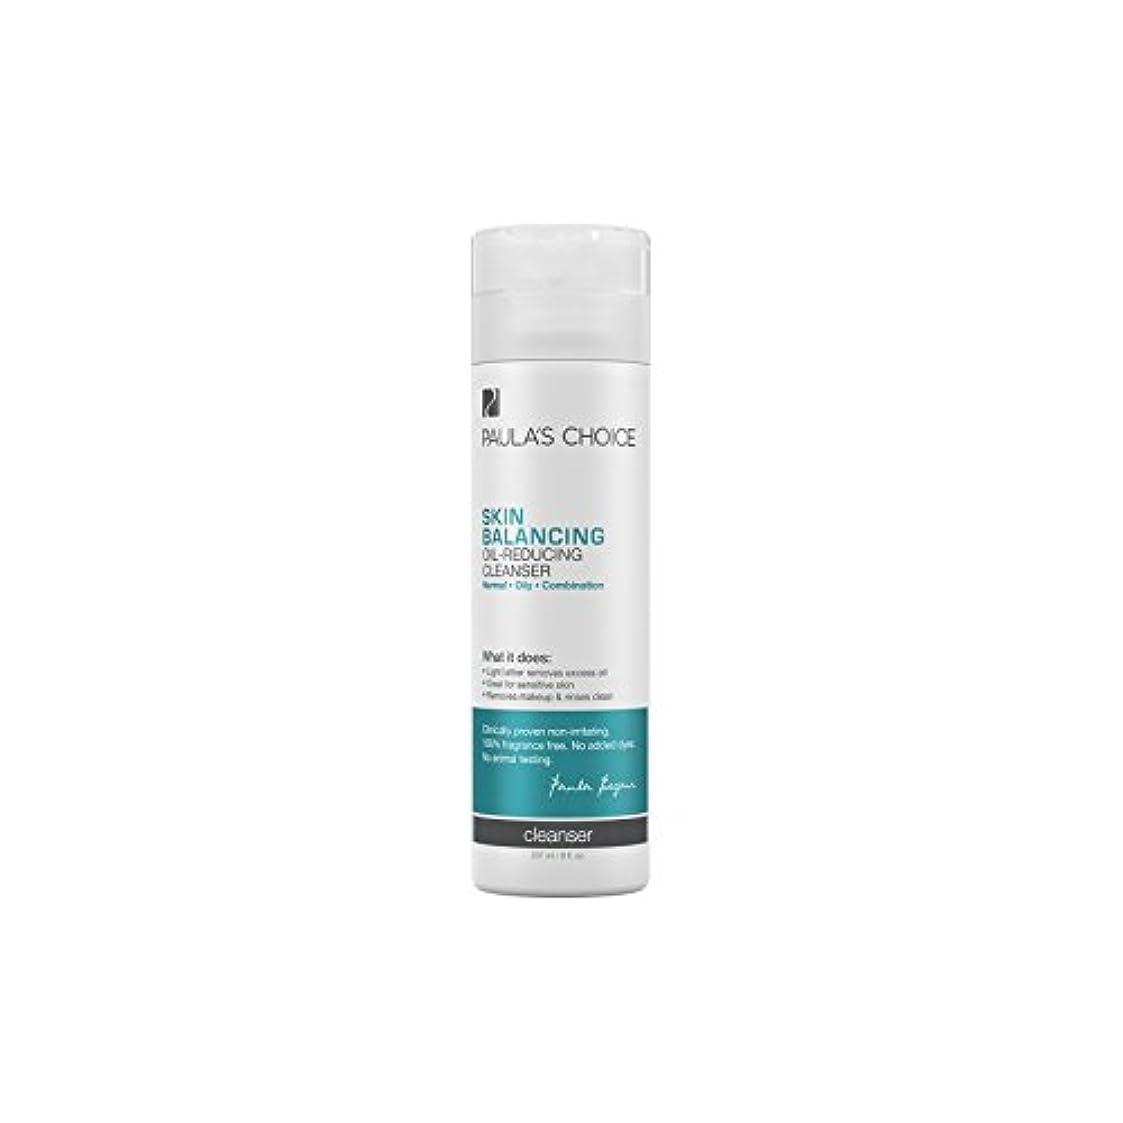 オーガニックアブストラクトレタッチポーラチョイスの肌のバランスオイル低減クレンザー(237ミリリットル) x2 - Paula's Choice Skin Balancing Oil-Reducing Cleanser (237ml) (Pack of 2) [並行輸入品]